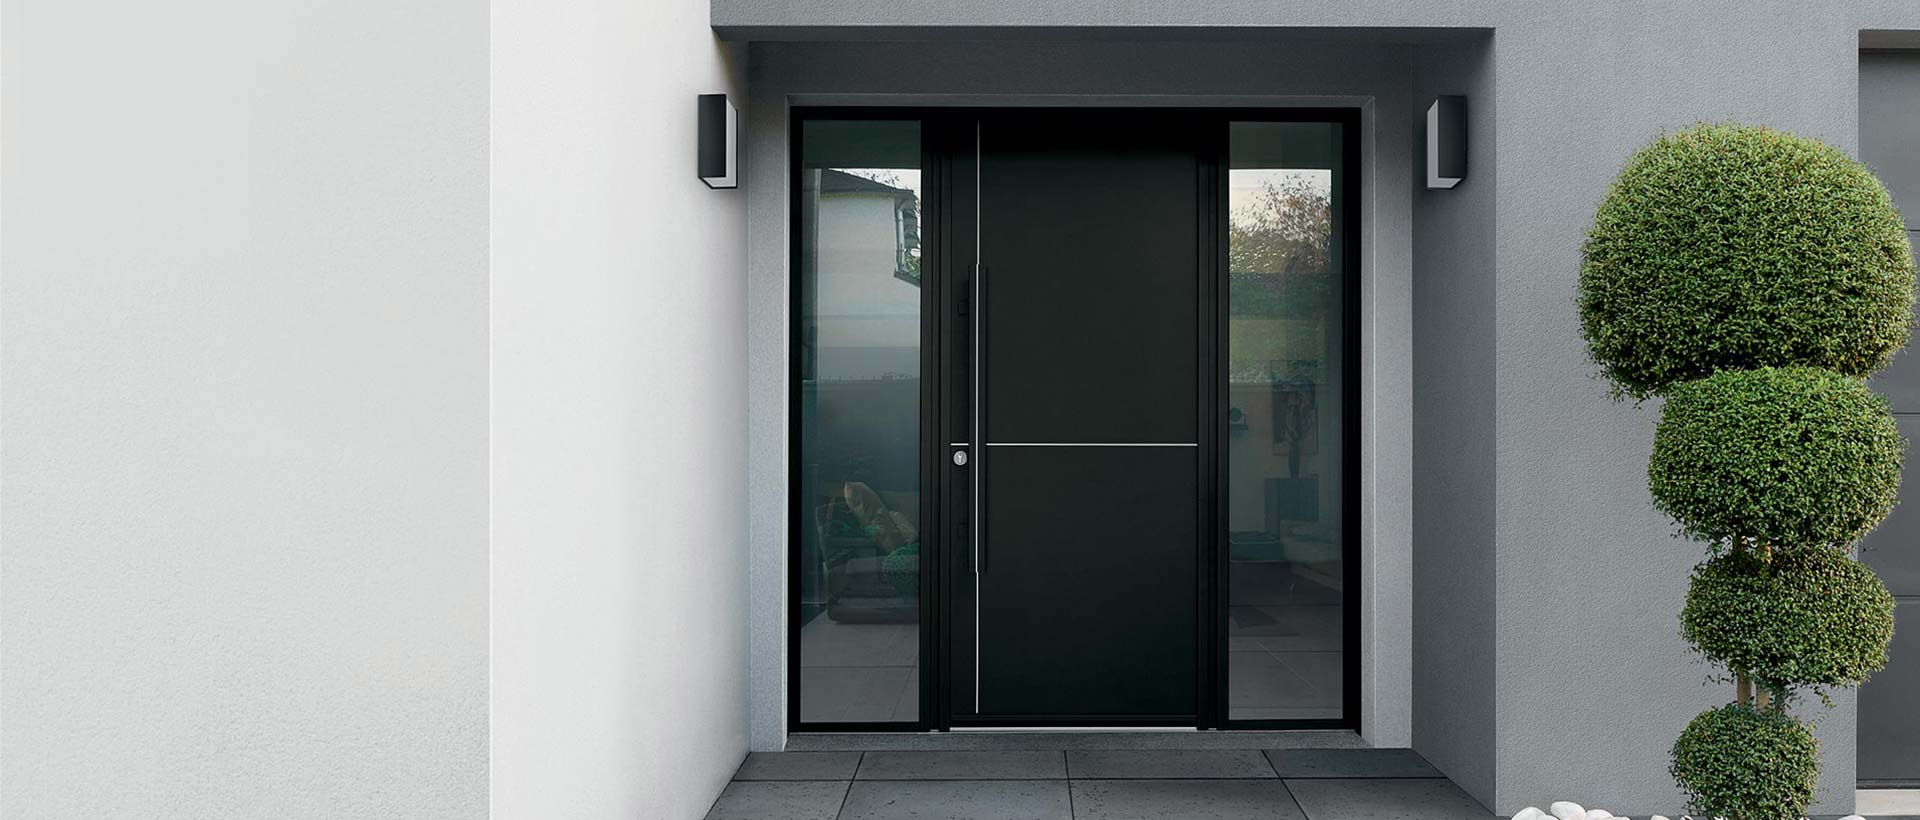 porte d entr e type intuition k line mvm. Black Bedroom Furniture Sets. Home Design Ideas